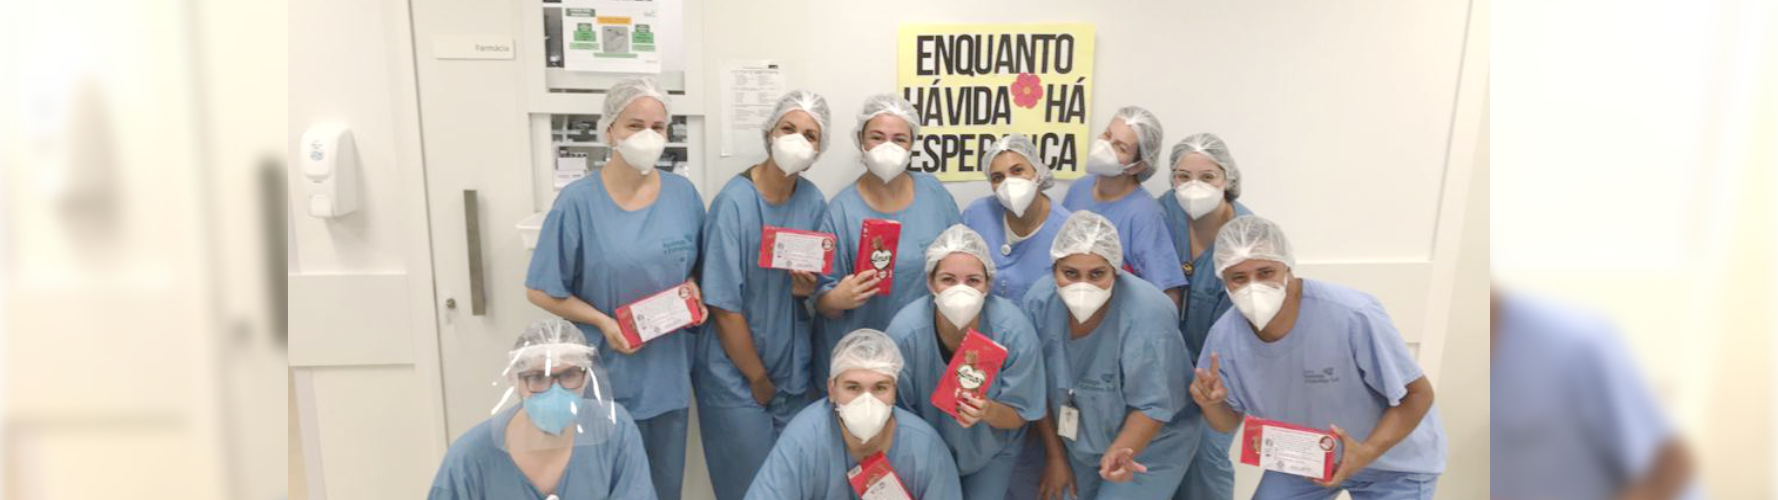 oração_hospital